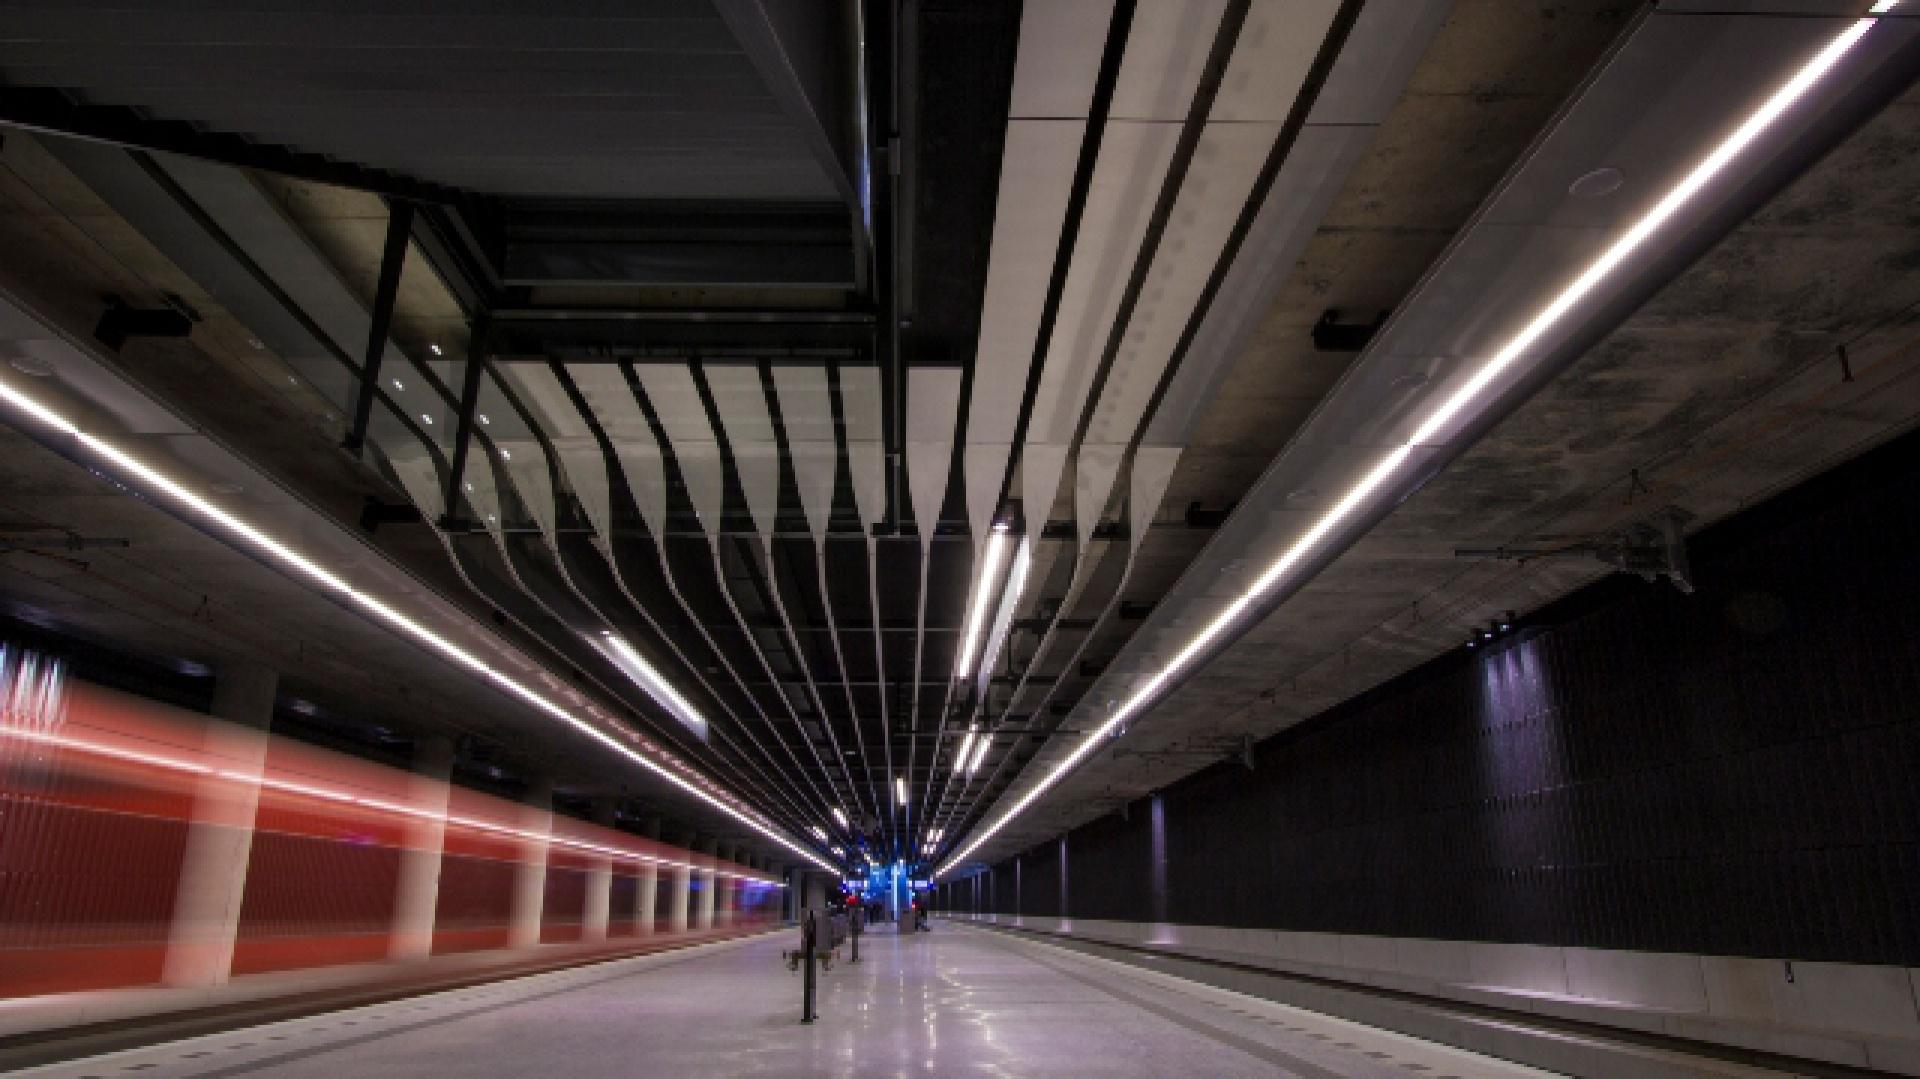 Nowa stacja w Delft została udostępniona podróżnym w lutym 2015 r. Fot. Hunter Douglas